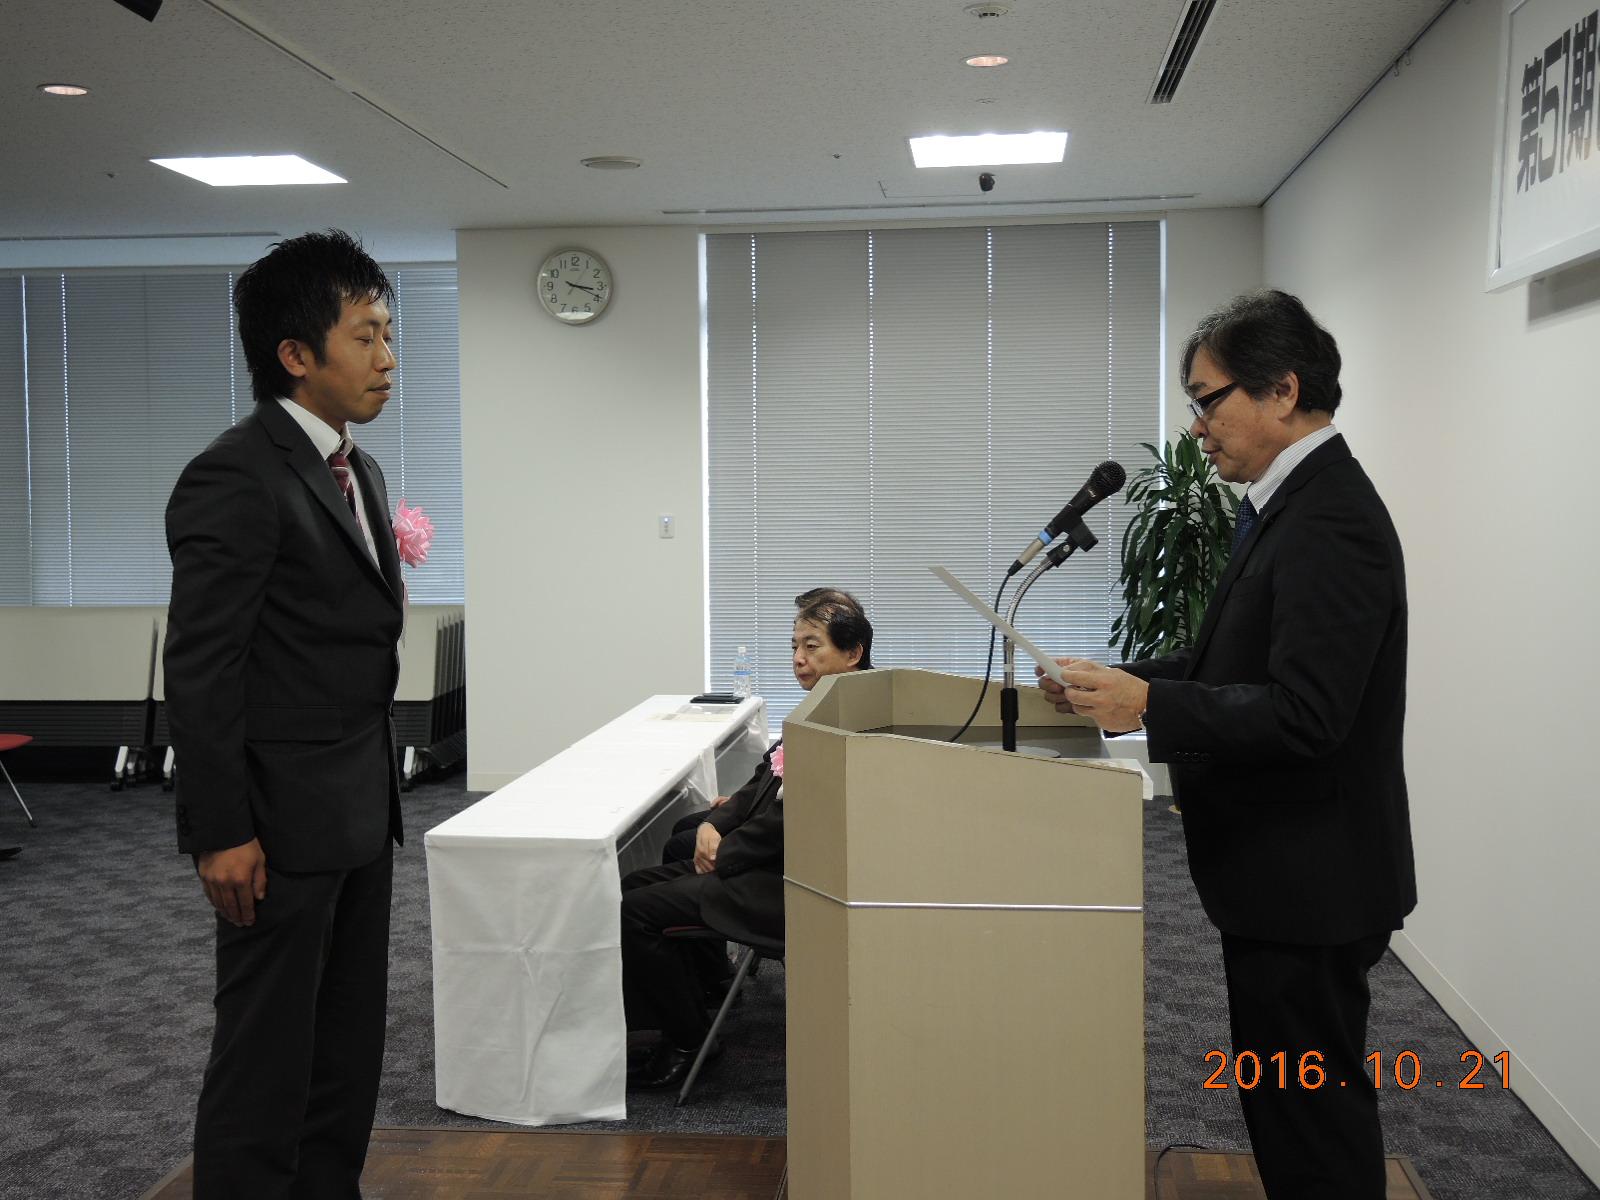 日本包装技術協会主催の包装管理士講座を修了した包装の専門家(スペシャリスト)が結集した団体です。